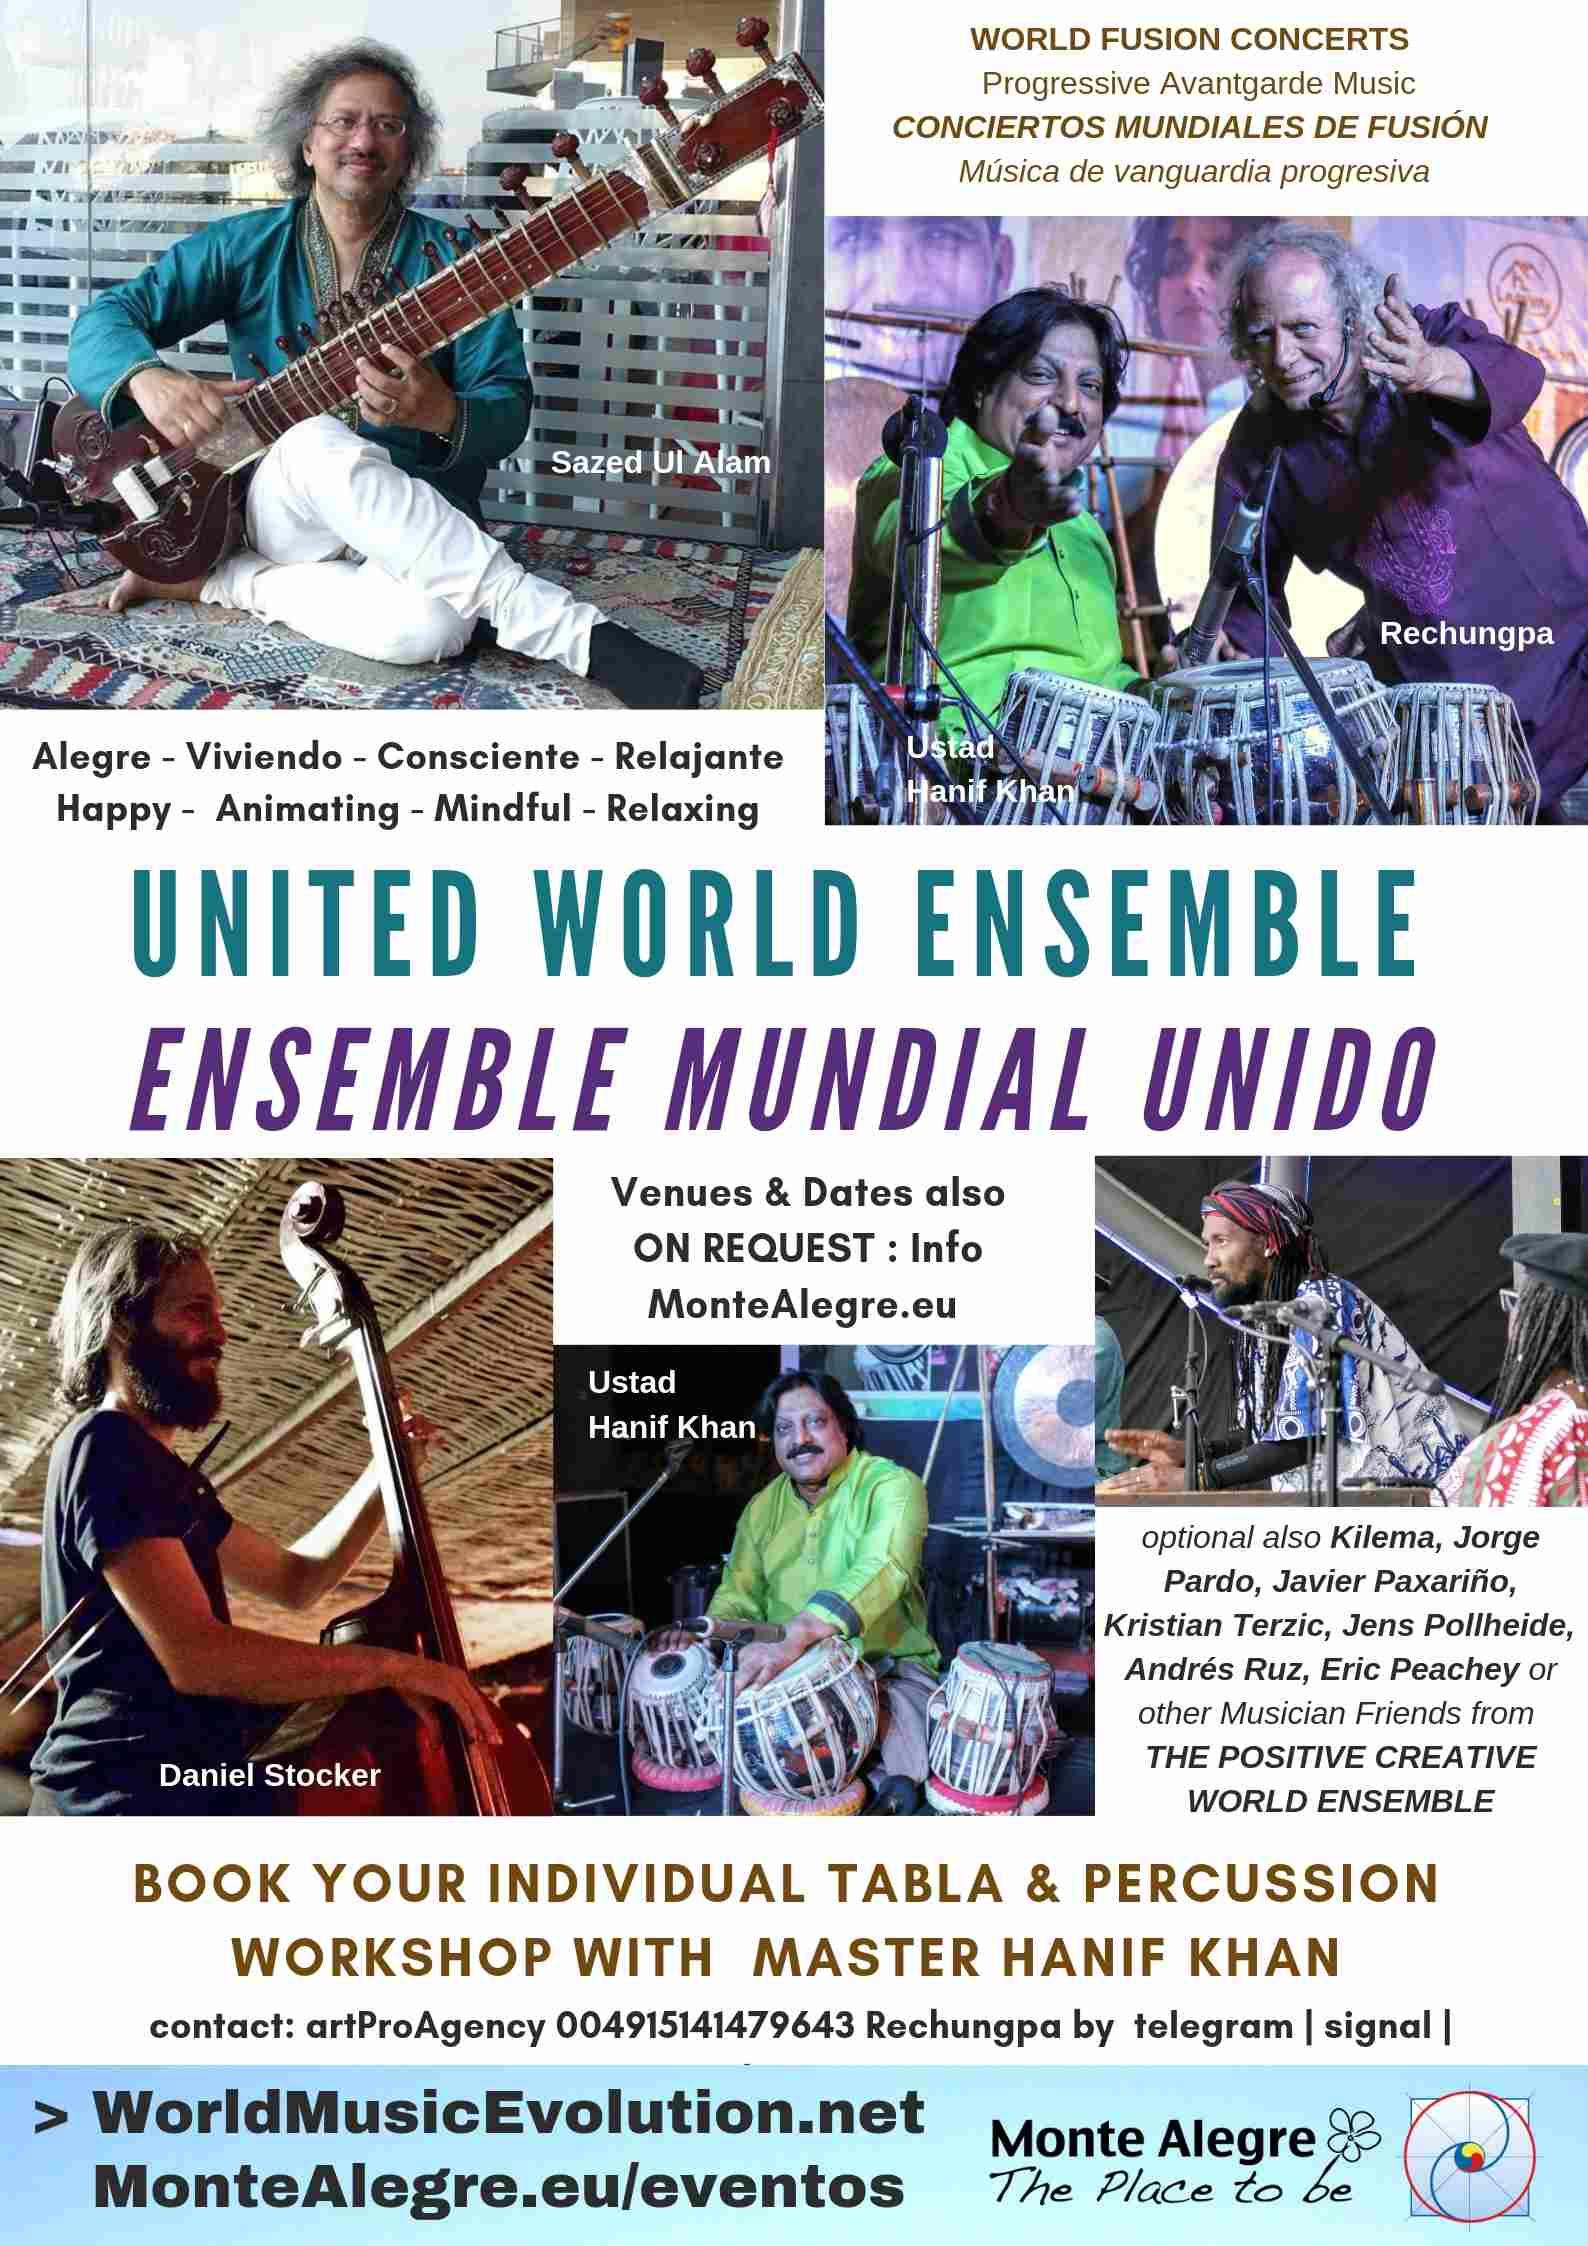 ENSEMBLE MUNDIAL UNIDO – CONCIERTOS MUNDIALES DE FUSIÓN – Música de vanguardia progresiva